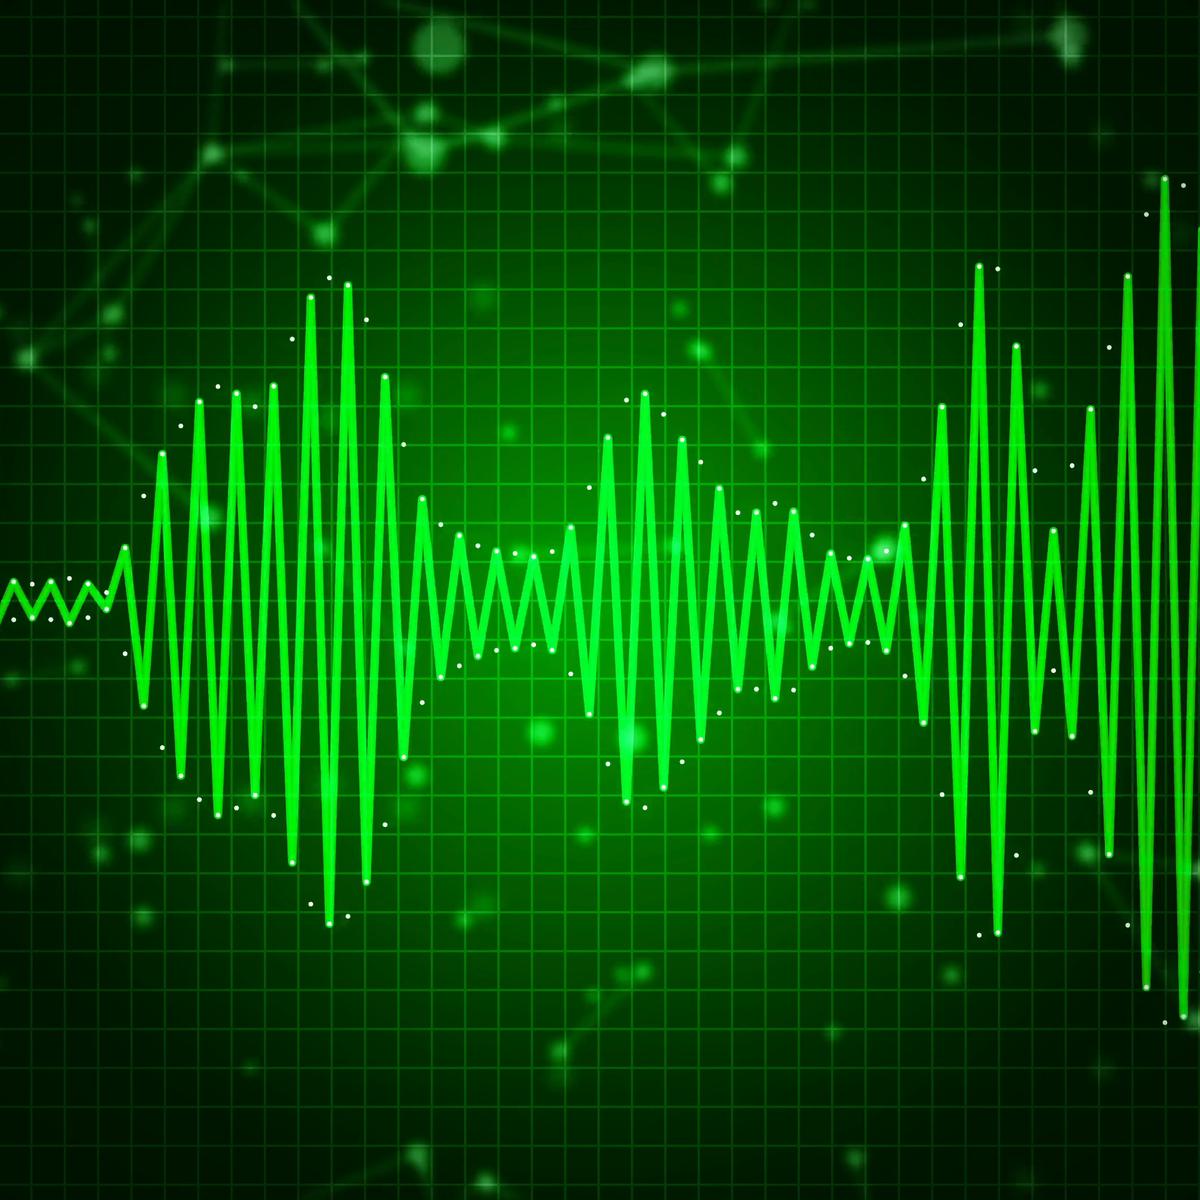 Soubassement Couloir En Bois french single speaker speech dataset | kaggle